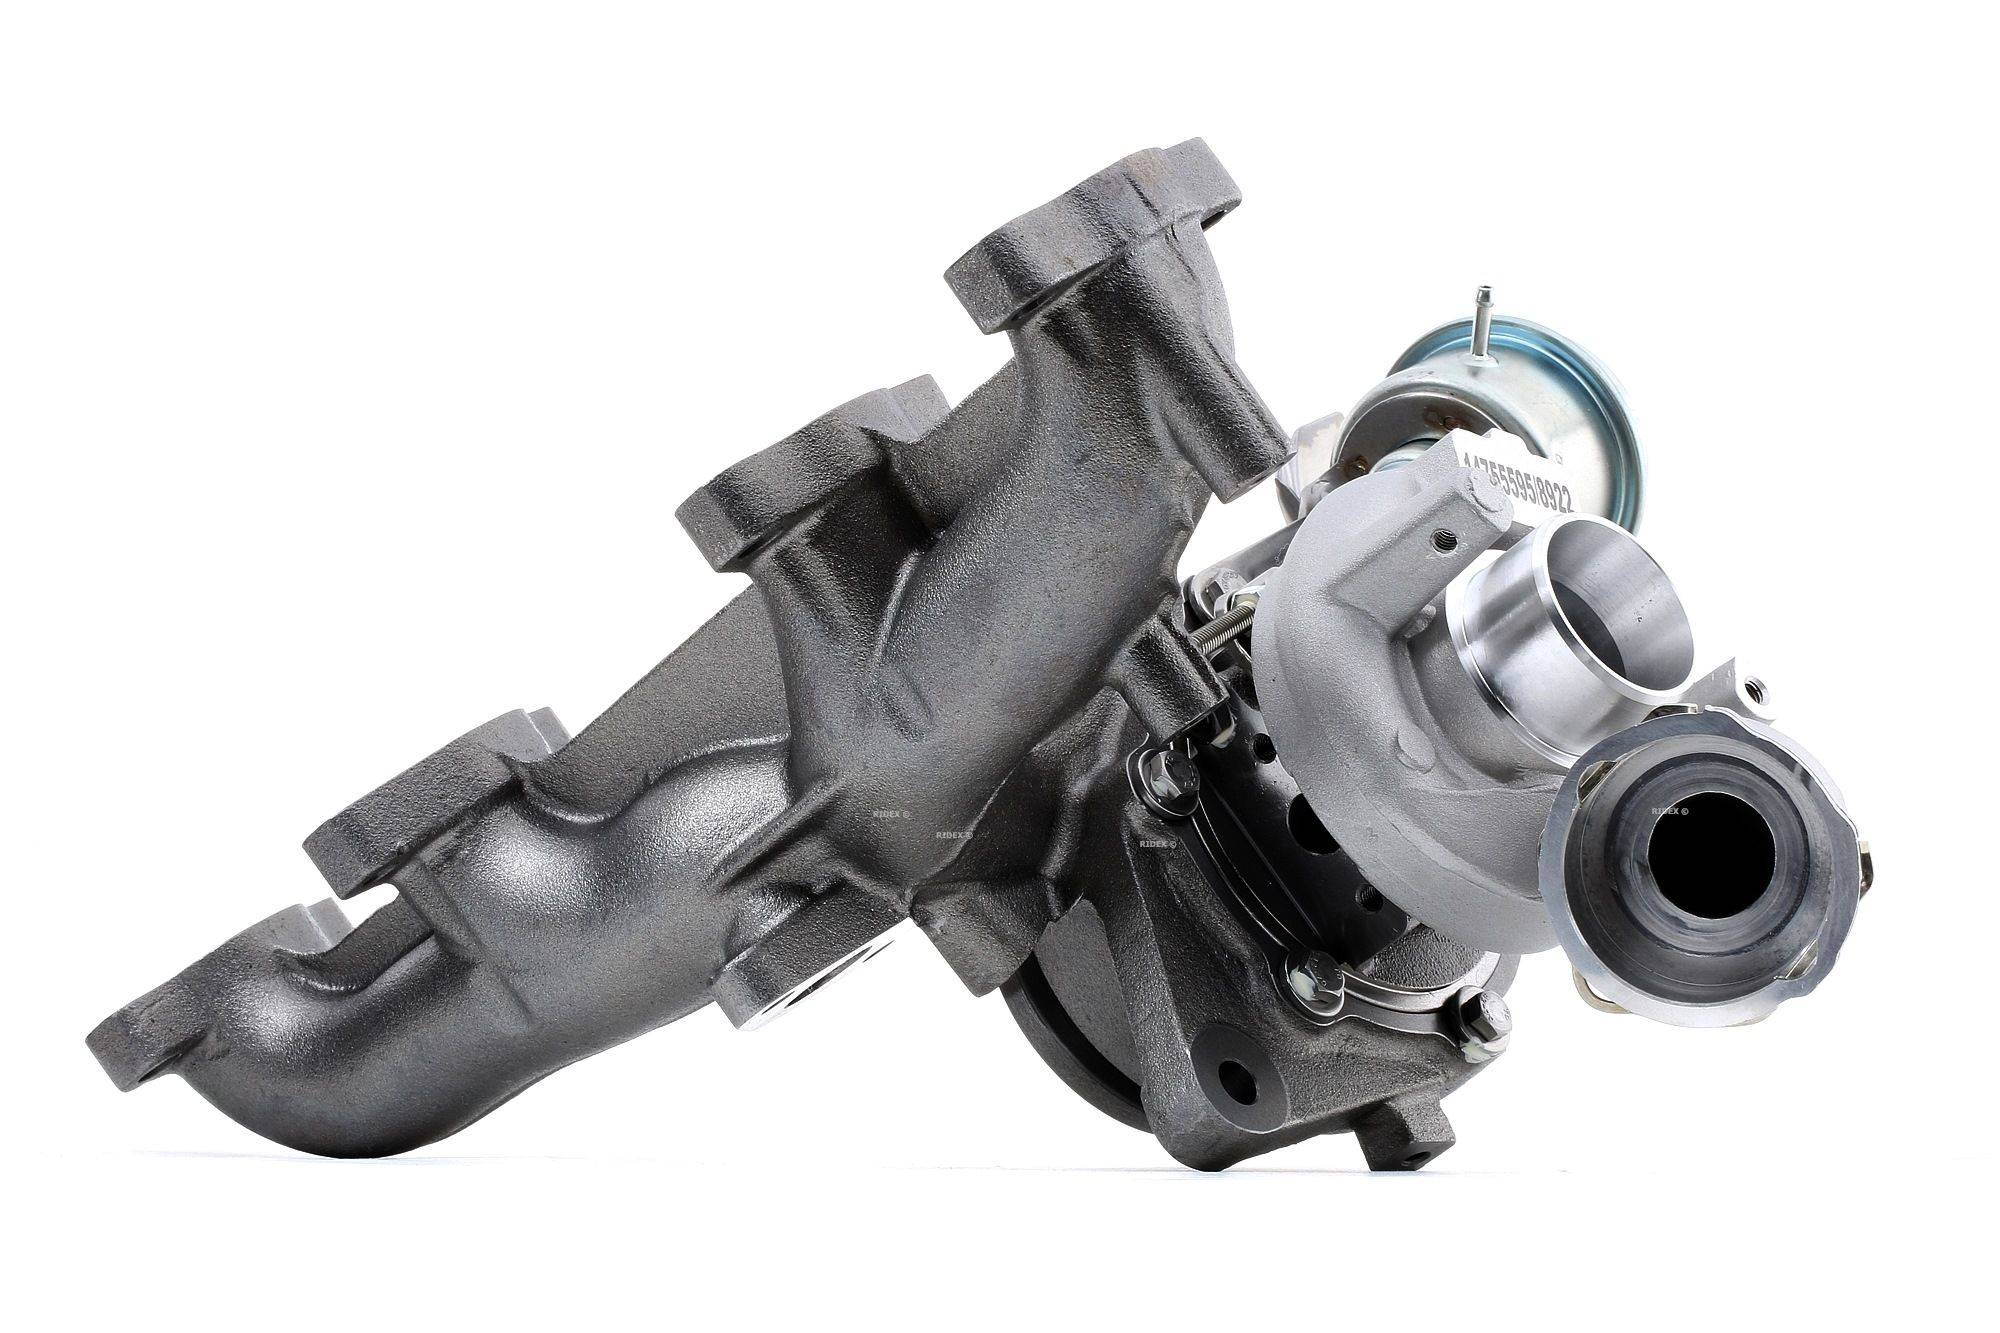 RIDEX Turbocompresseur VW,AUDI,SKODA 2234C0183 03G253014M,03G253014MV,03G253014MX Compresseur Turbo,Turbocompresseur, suralimentation 03G253014M